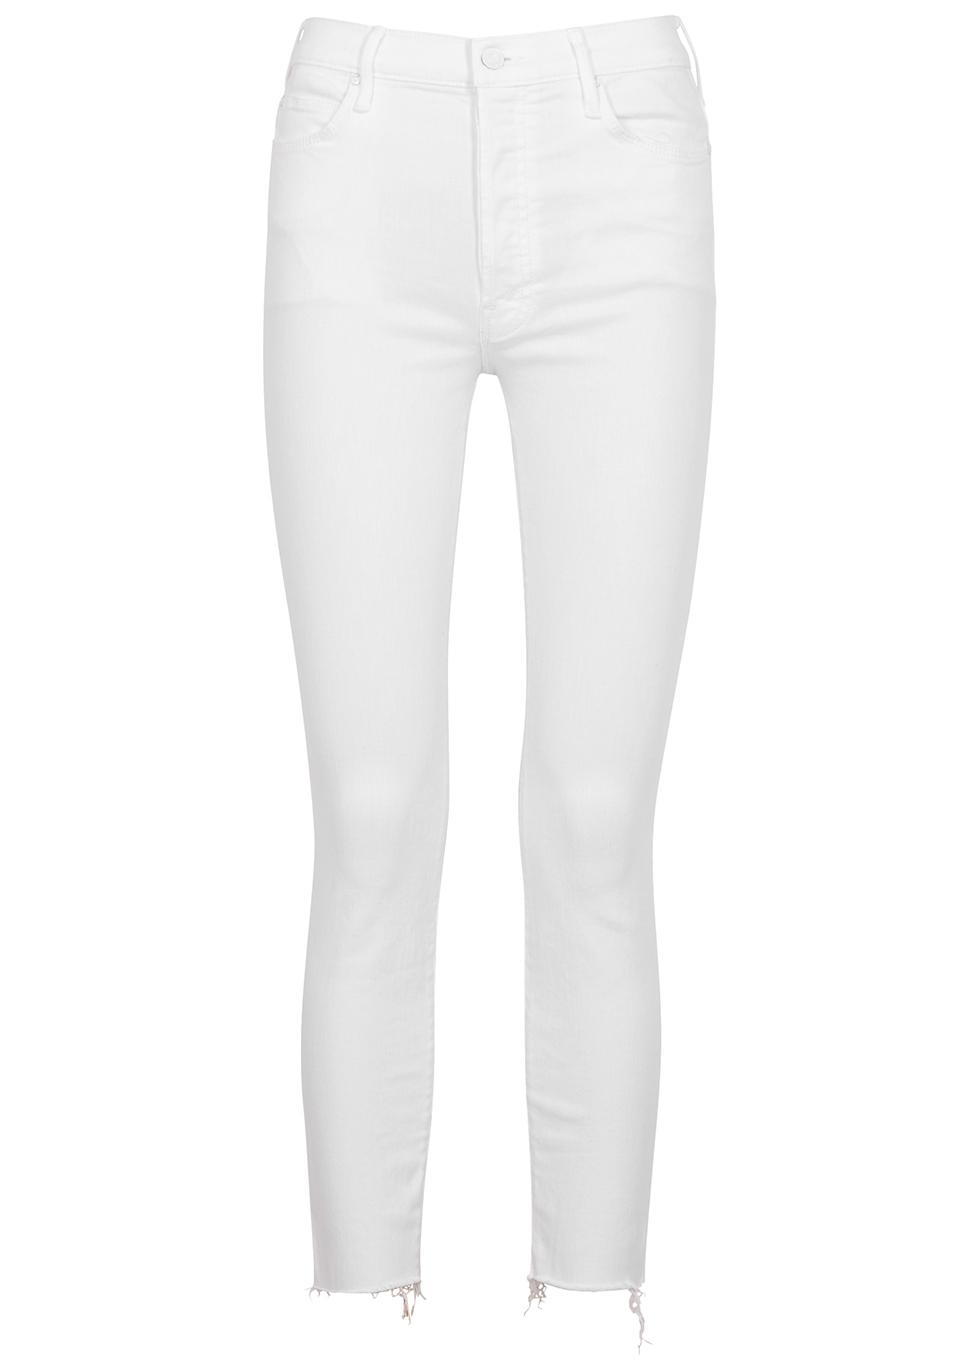 The Stunner white skinny jeans